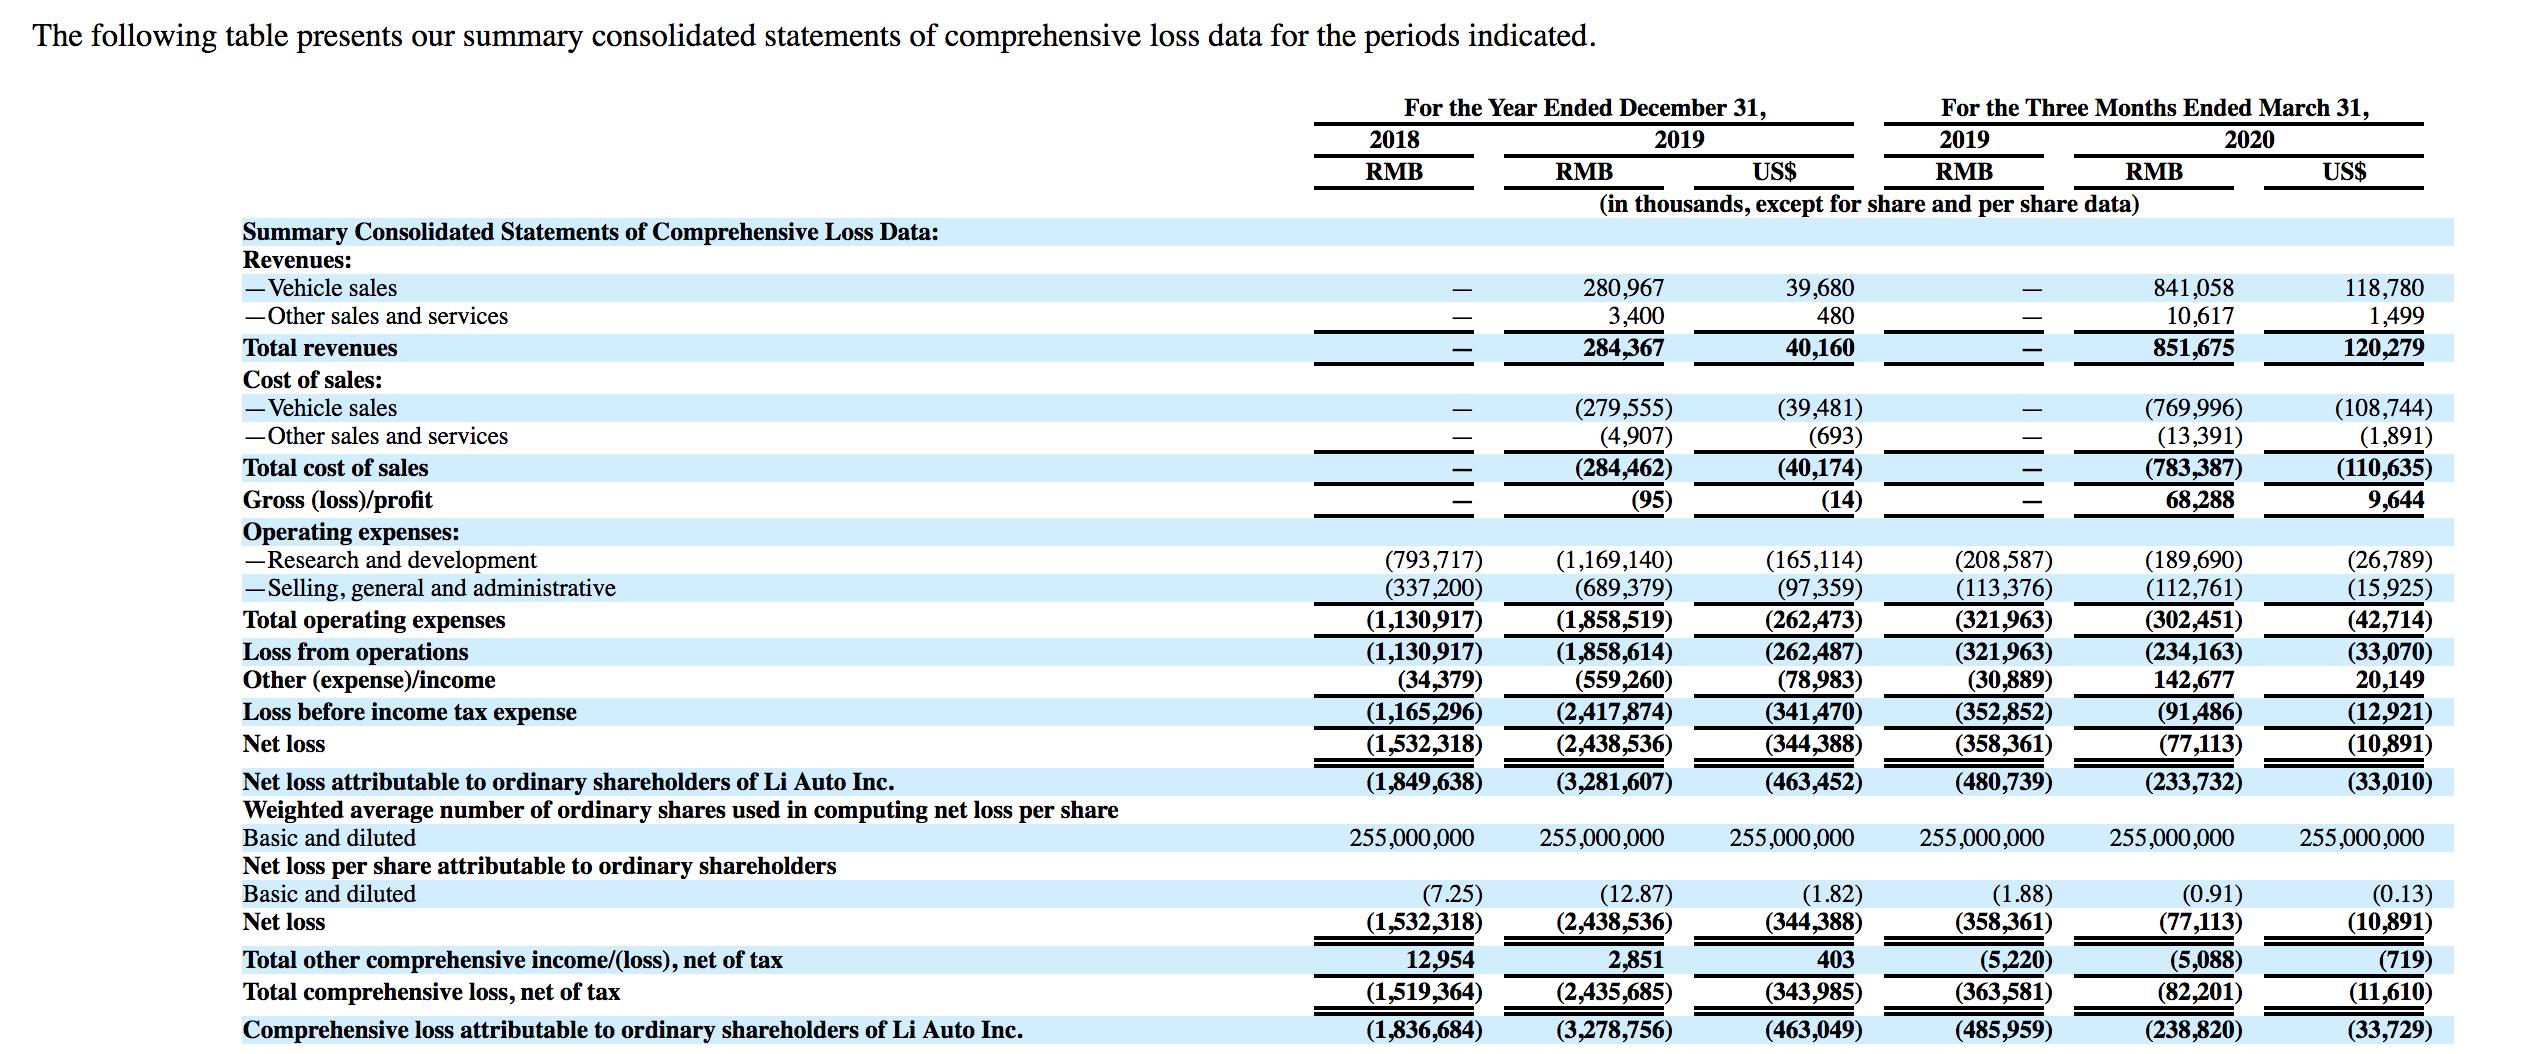 最前線 | 理想汽車更新招股書:IPO最高募資14.73億美元,高瓴資本擬認購3億美元